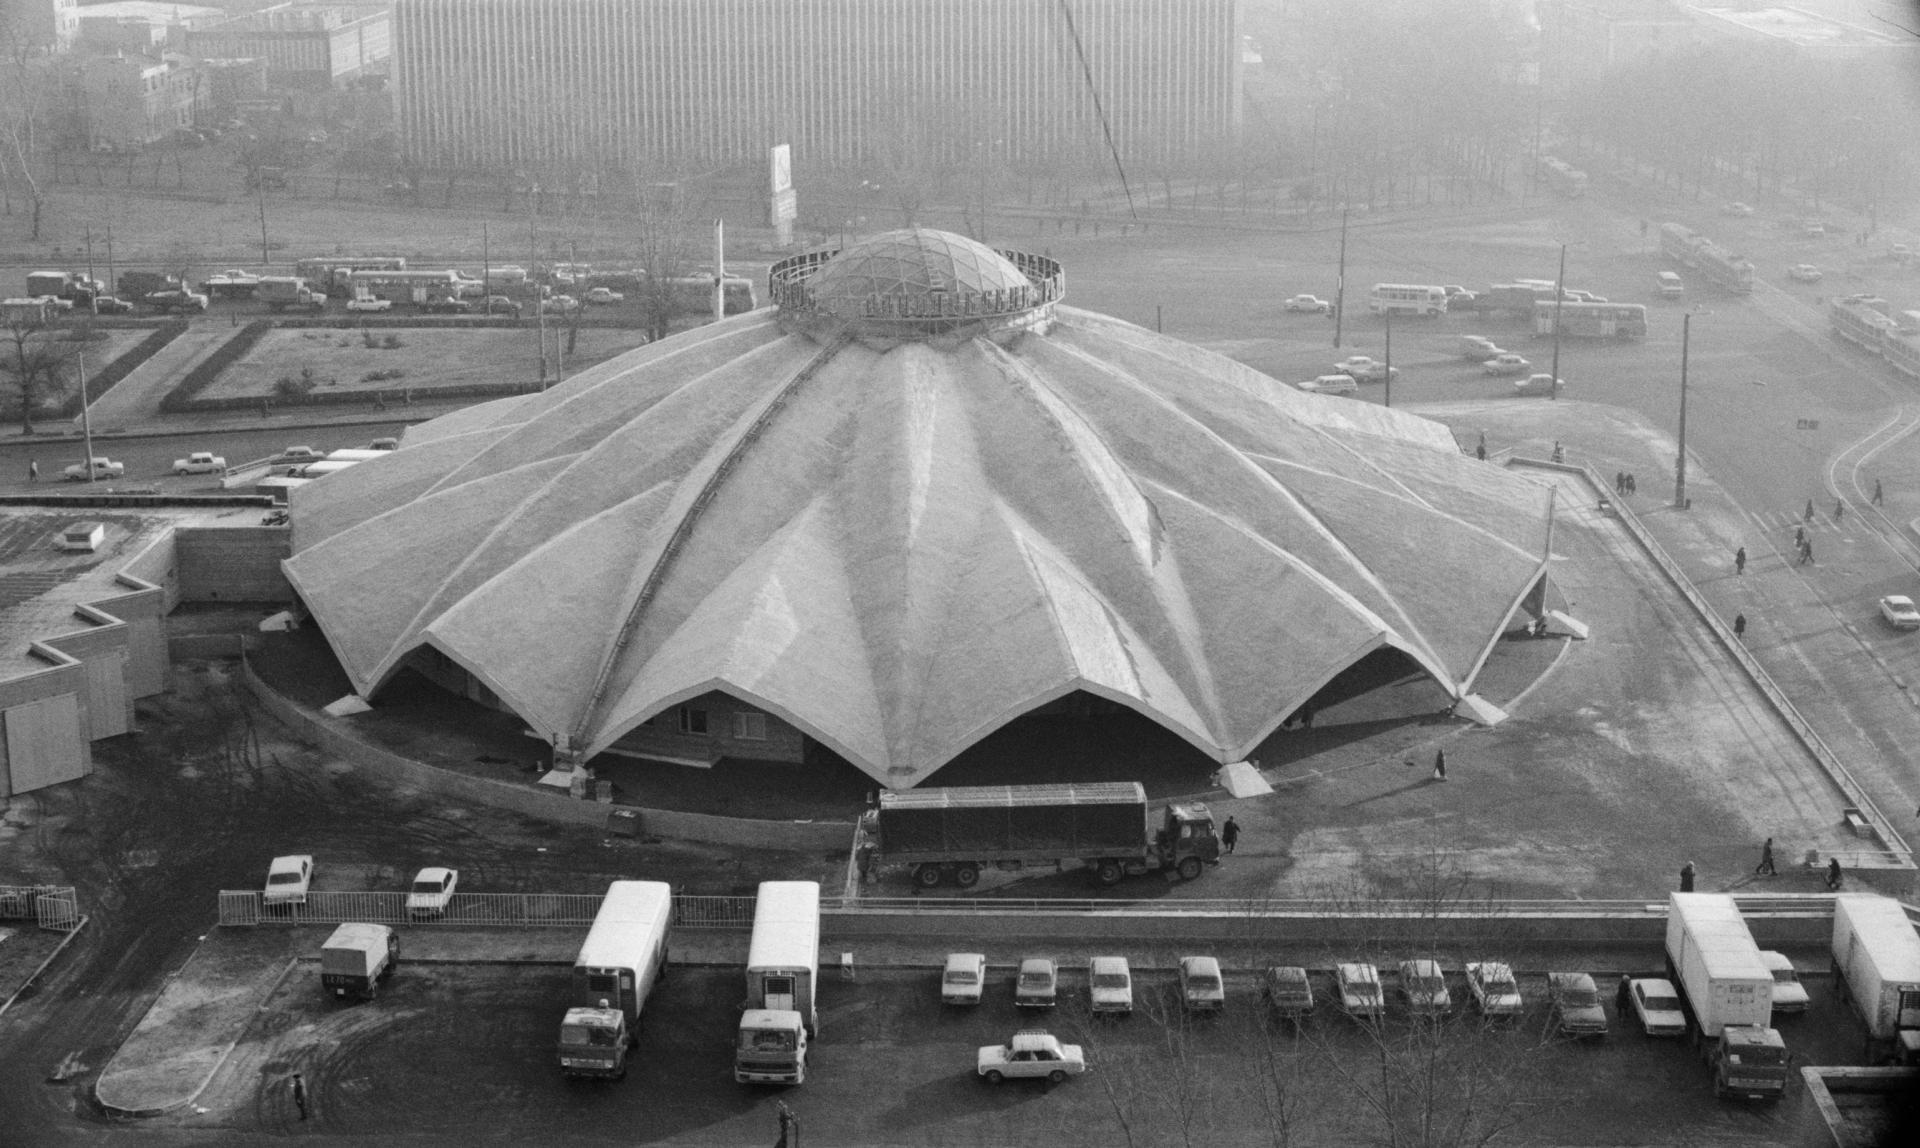 1 ноября 1987 года. Даниловский рынок